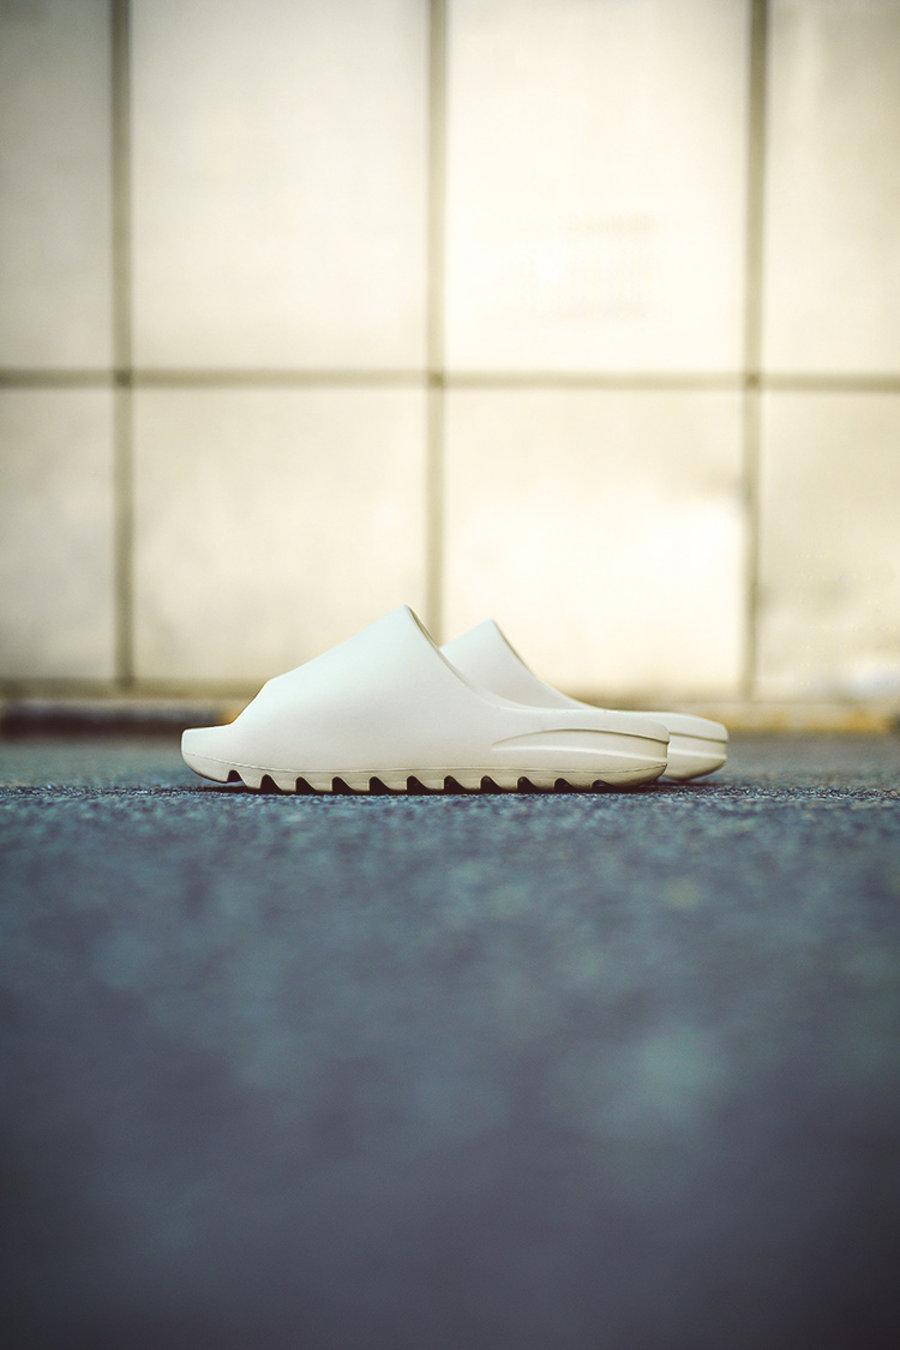 Yeezy Slide  Yeezy 拖鞋市价竟能翻倍!值不值得买先看小编上脚!